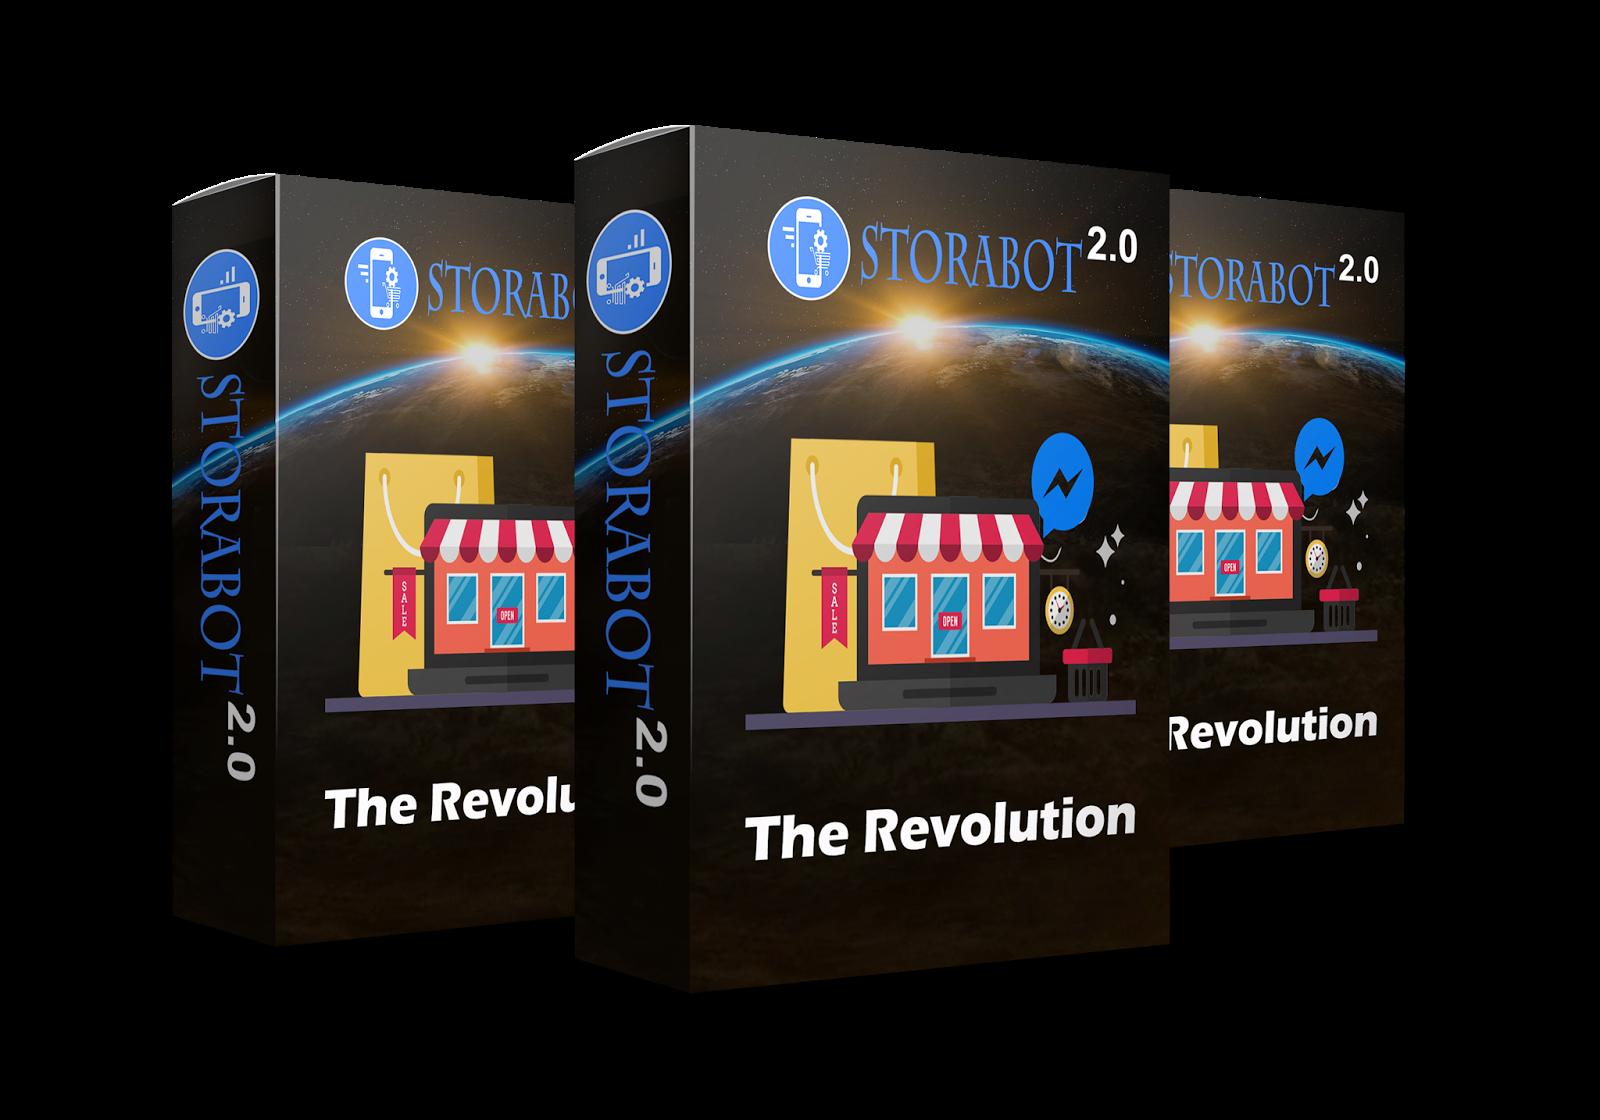 Storabot 2.0 - Messenger Store Pertama di Dunia